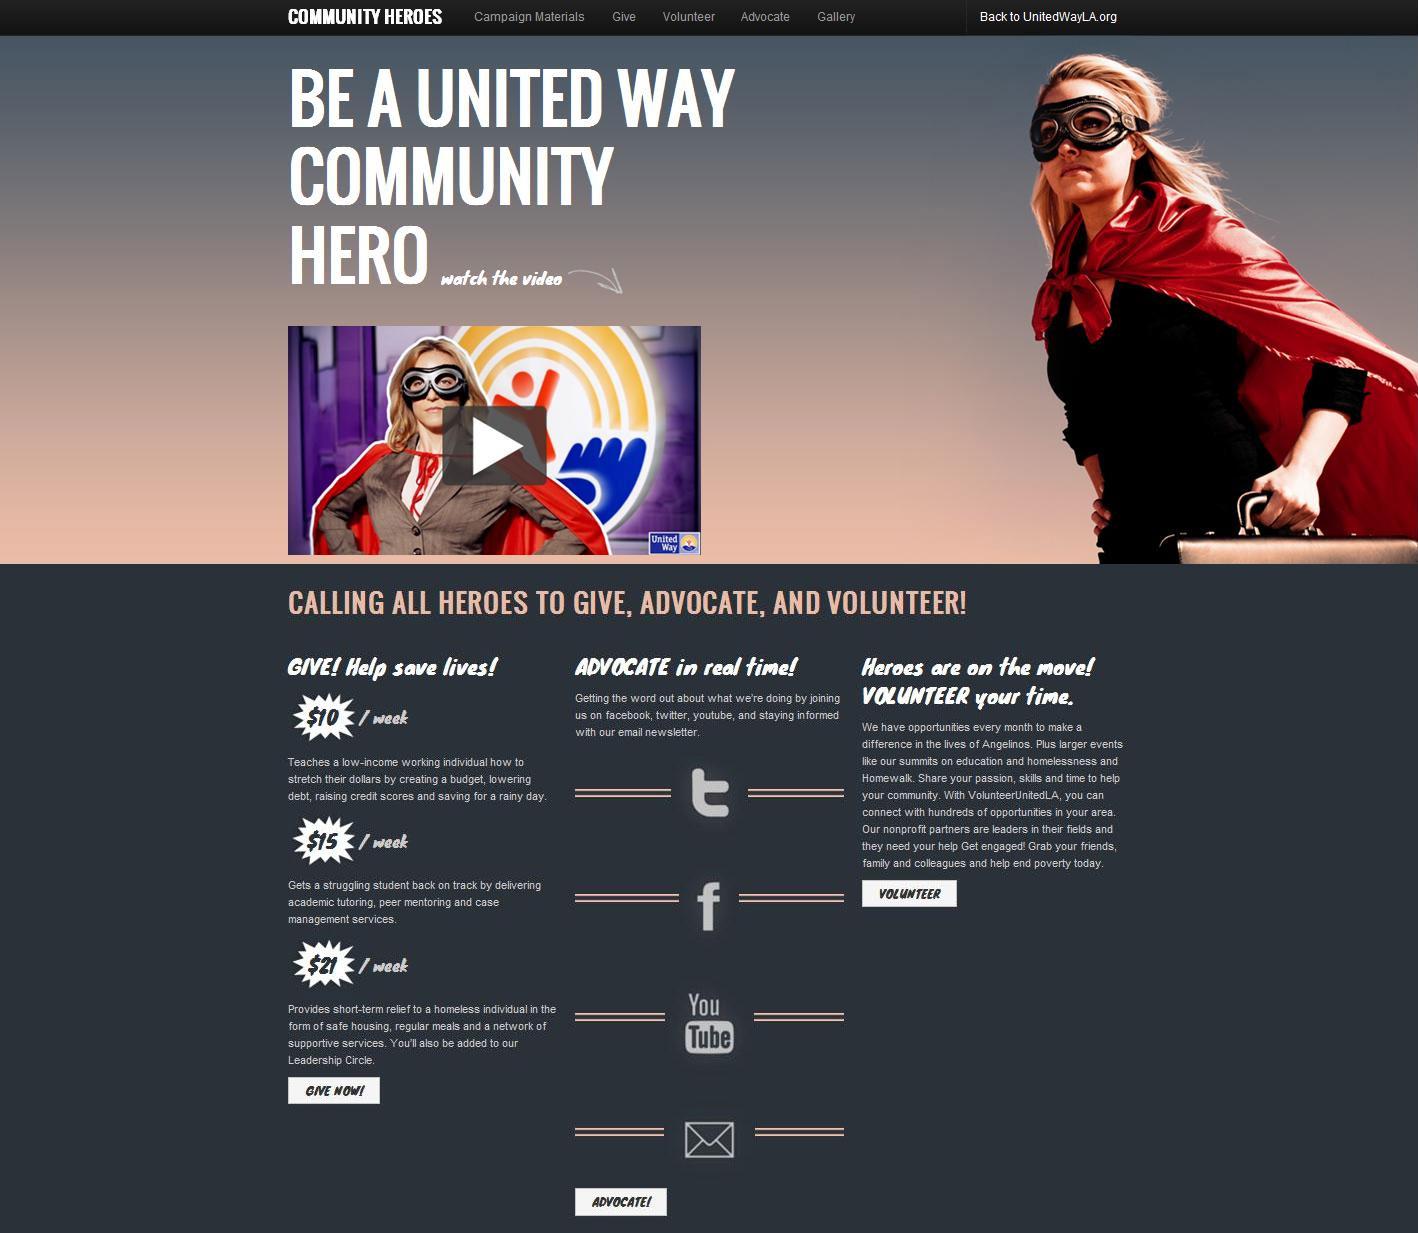 Be-a-Community-Hero---UW-of-Greater-Los-Angeles.jpg